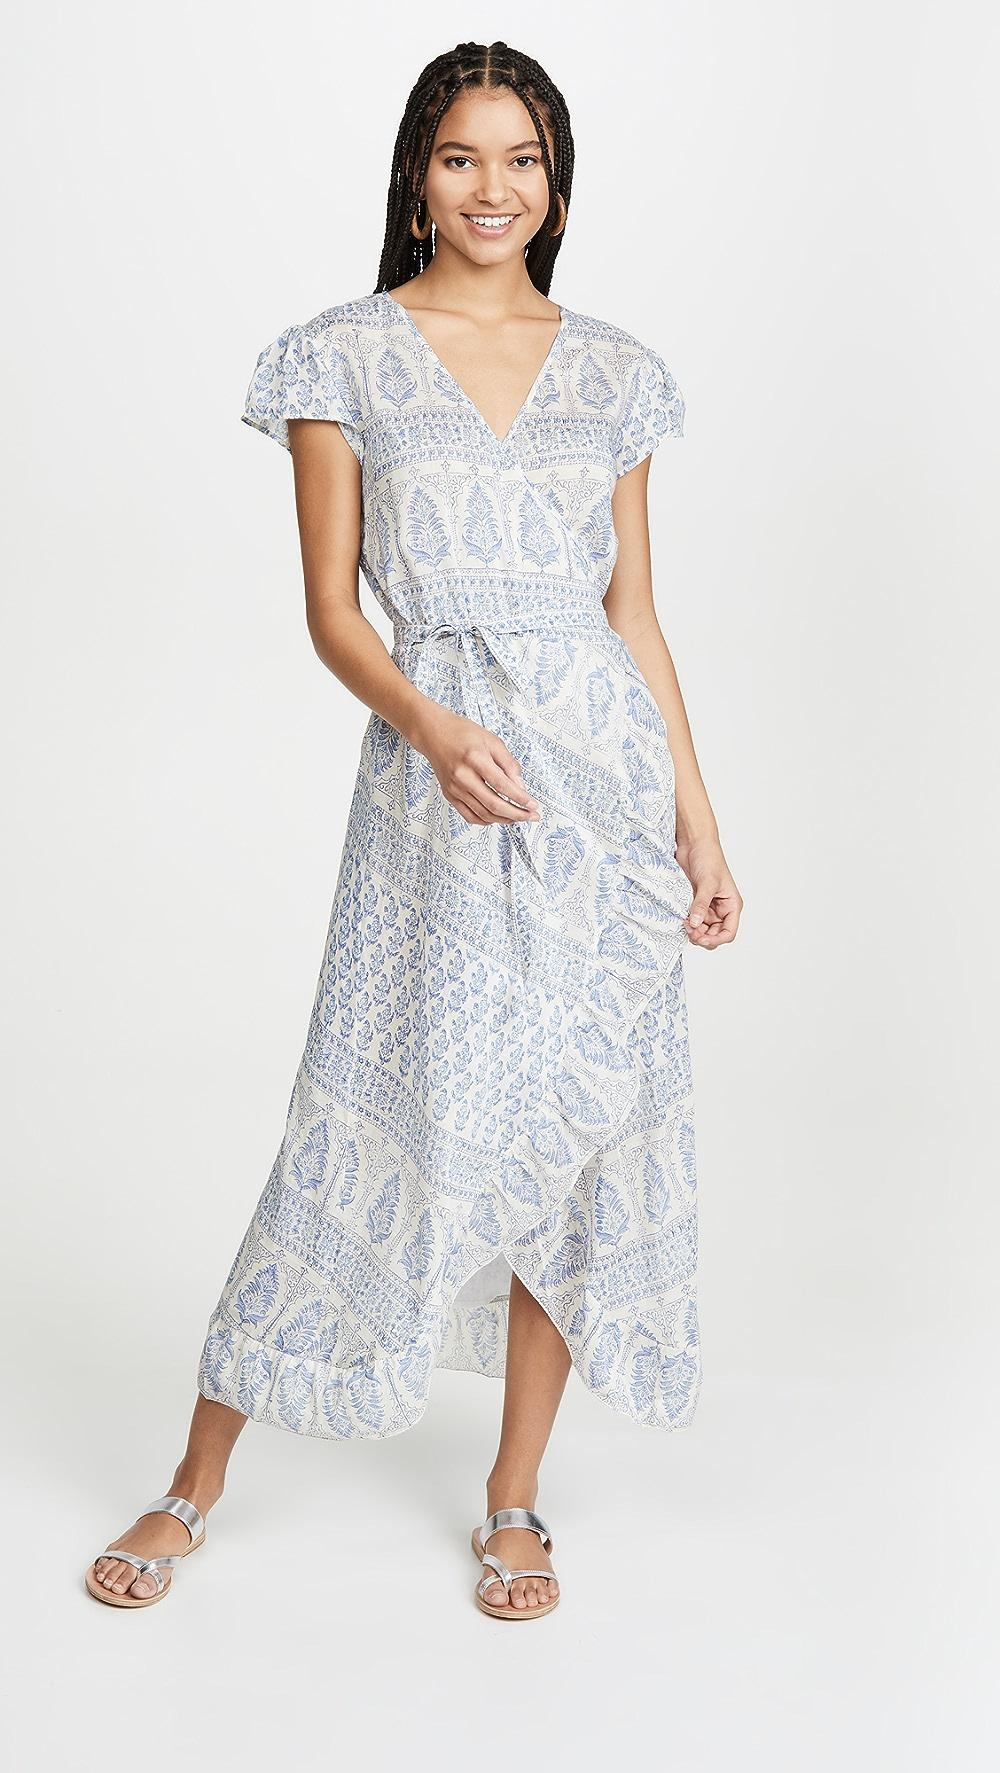 100% True Bell - Cindy Dress 100% High Quality Materials